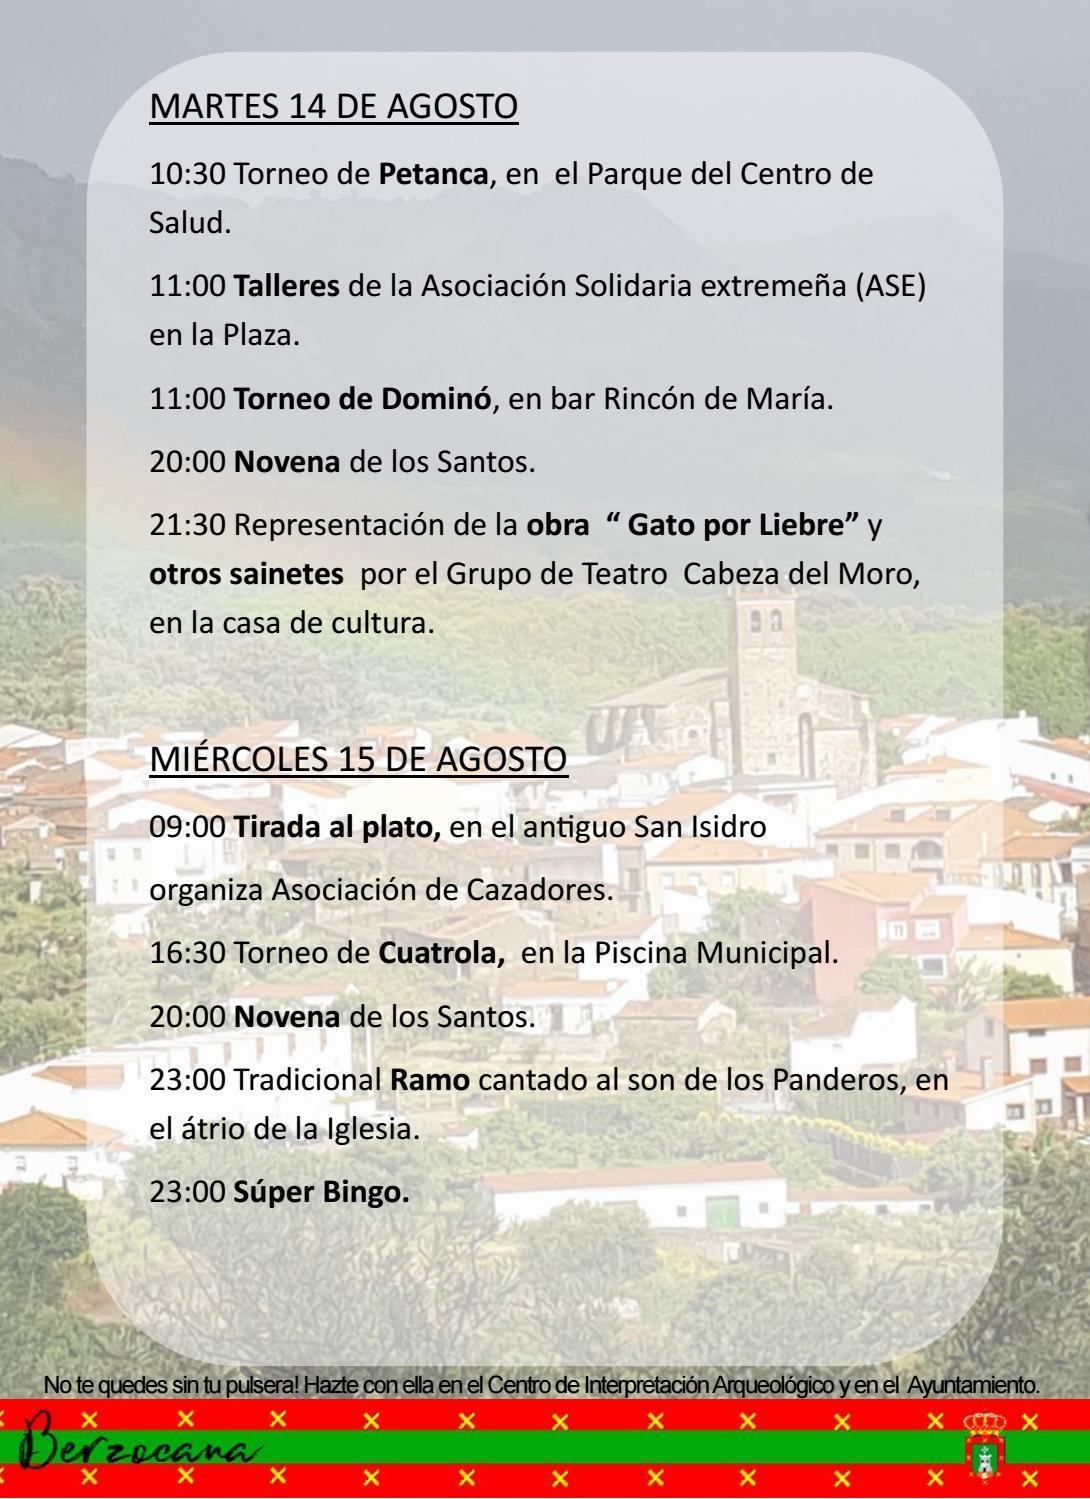 Programa de fiestas en honor a San Fulgencio y Santa Florentina 2018 - Berzocana 5